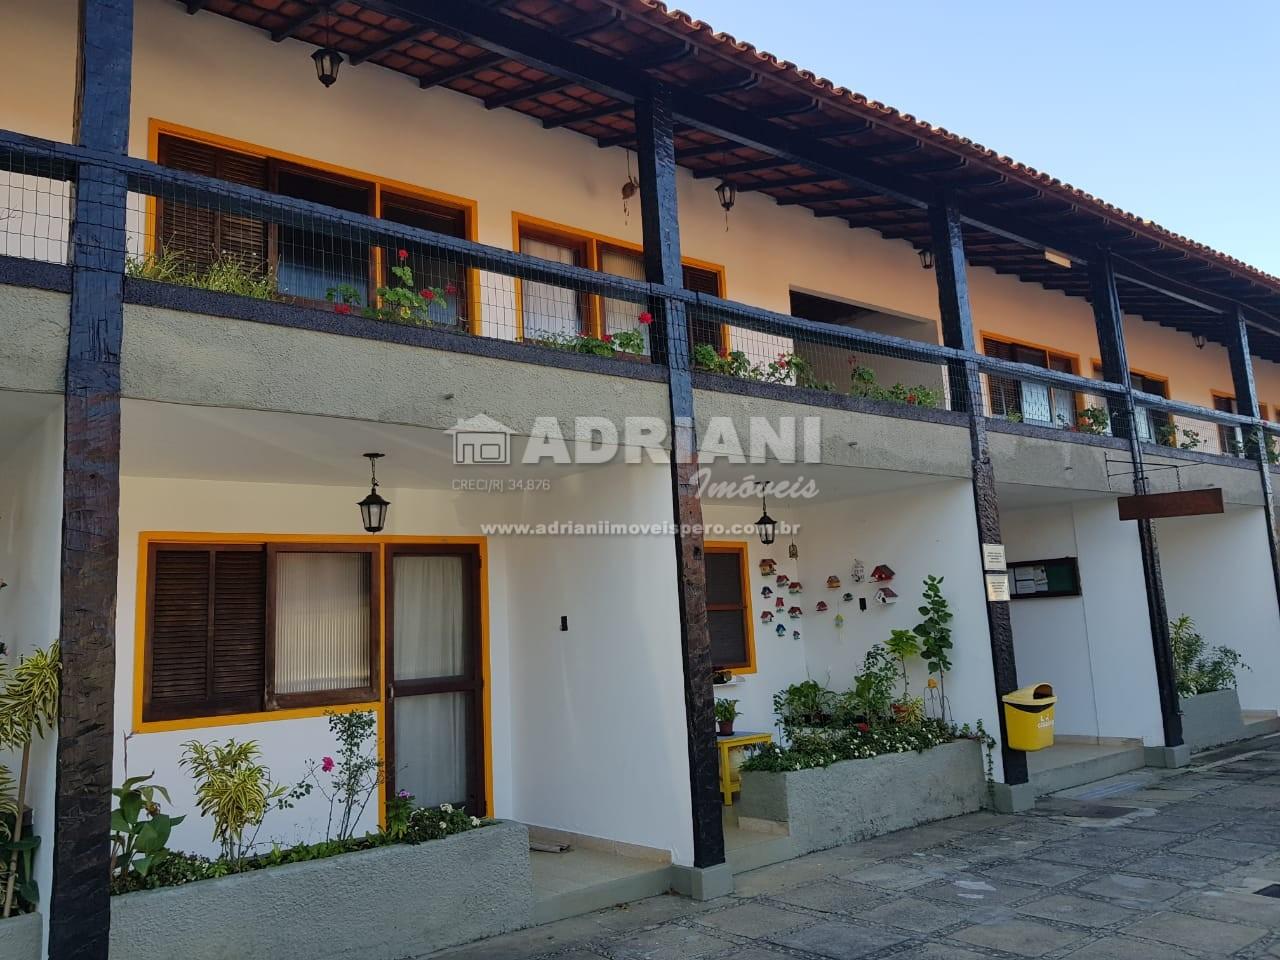 Cód 331 Linda casa em condomínio com piscina, 2 quartos, venda, Peró, Cabo Frio – RJ